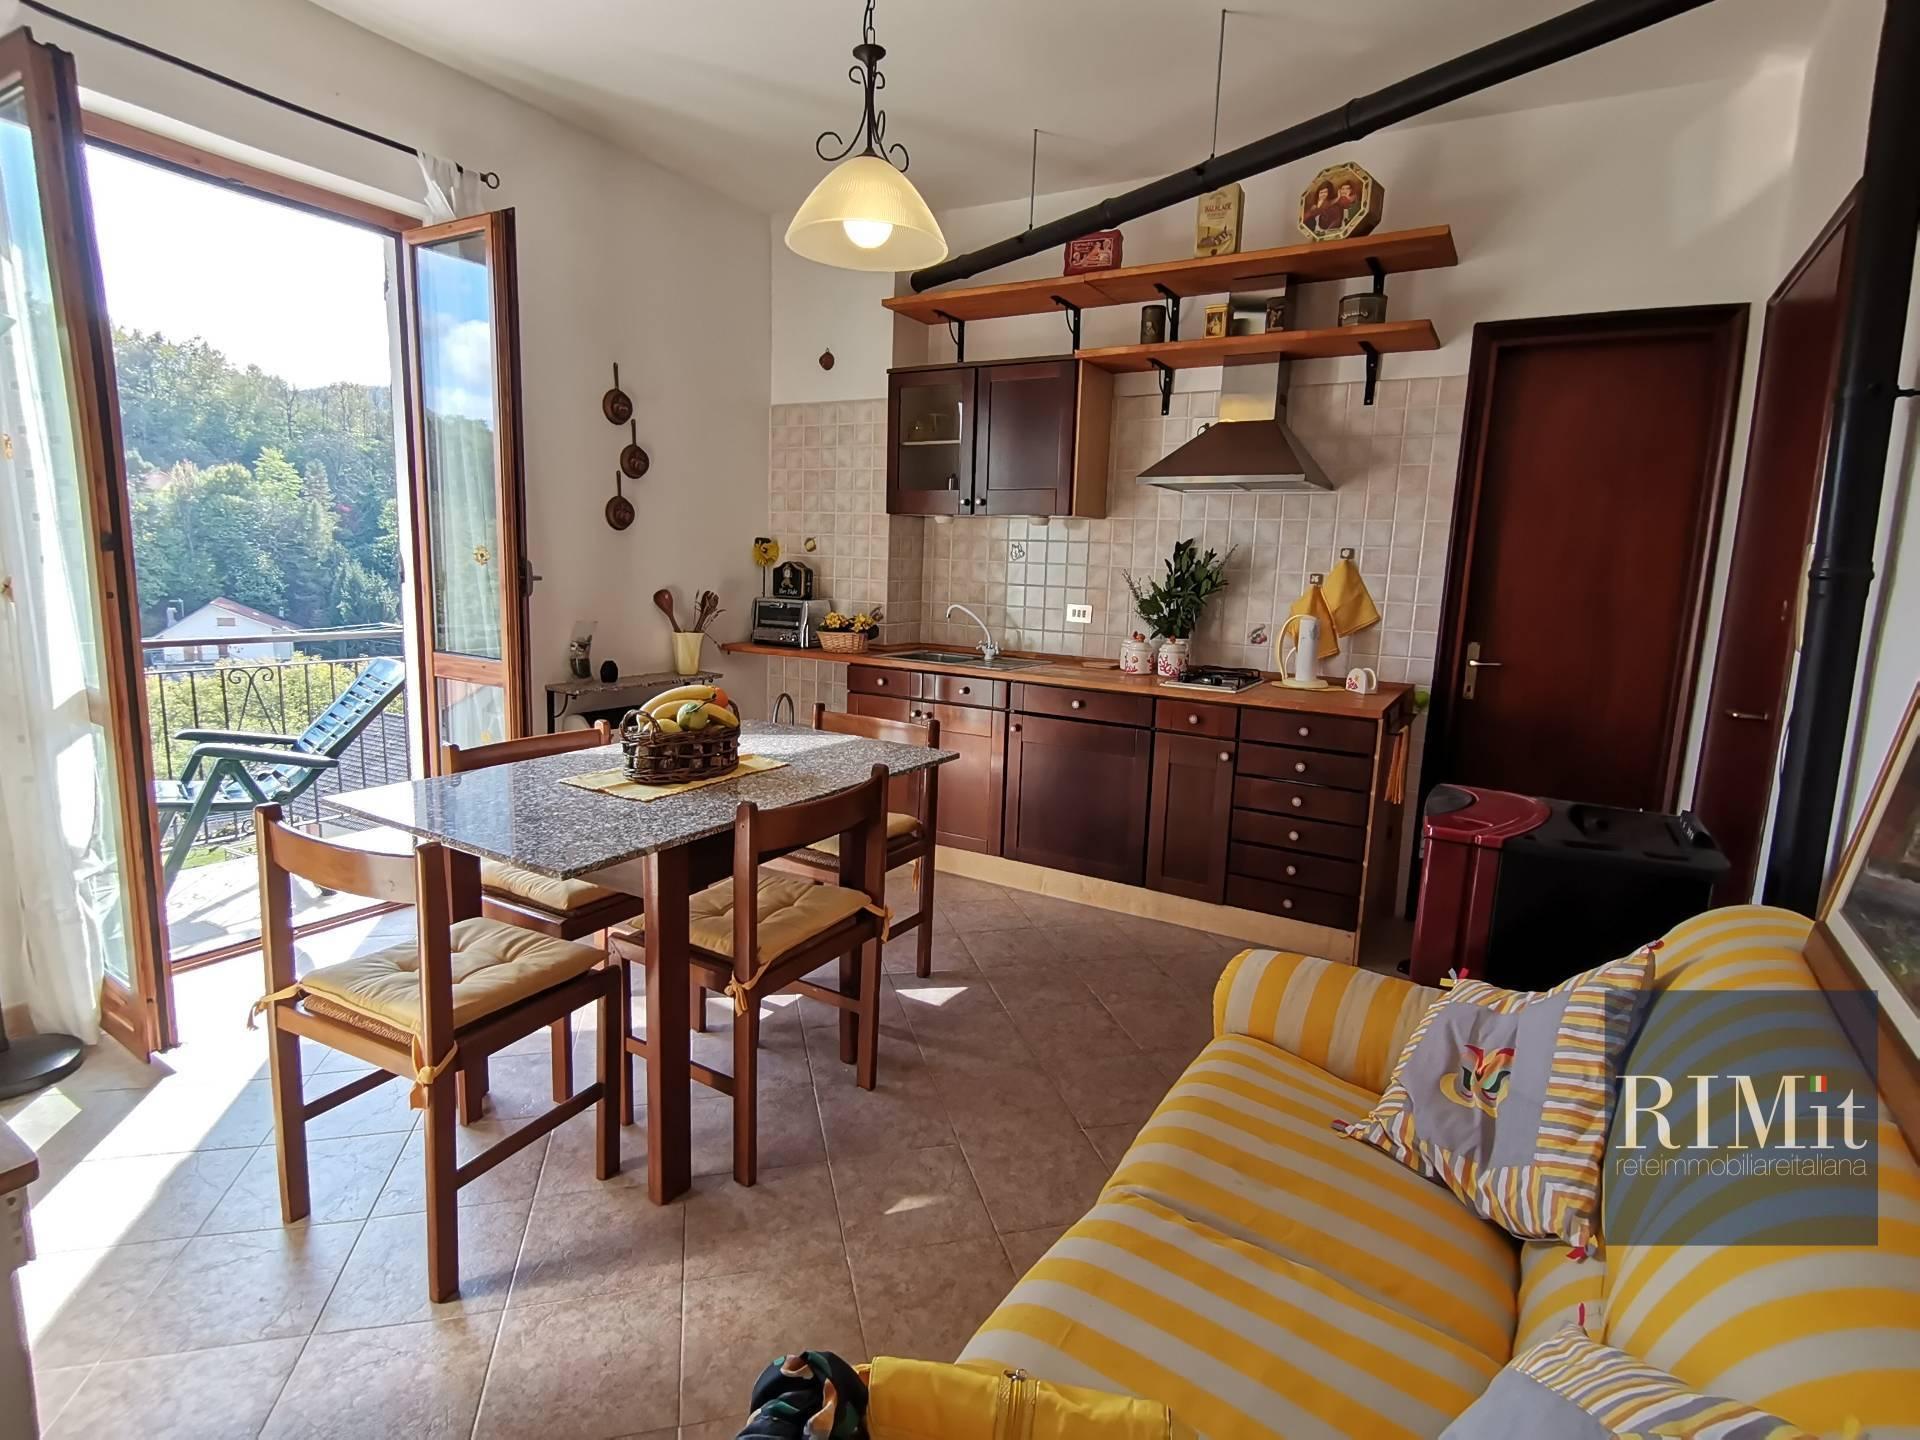 Appartamento in vendita a Giusvalla, 2 locali, prezzo € 40.000 | CambioCasa.it